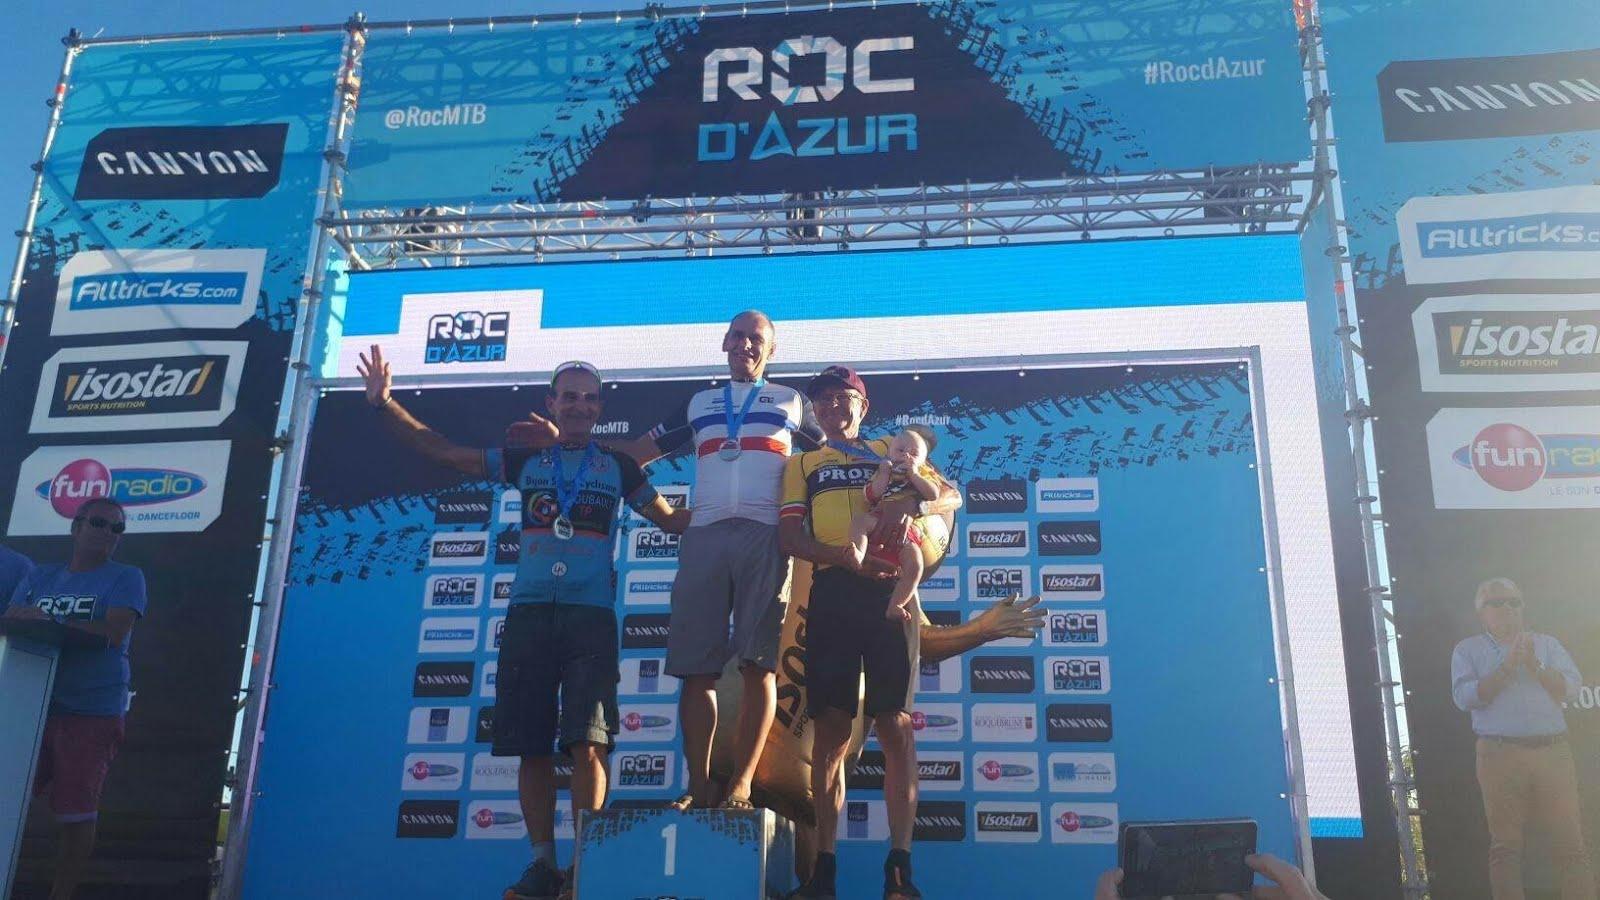 Roc Master , Marc Balascovic Vainqueur Bravo !!